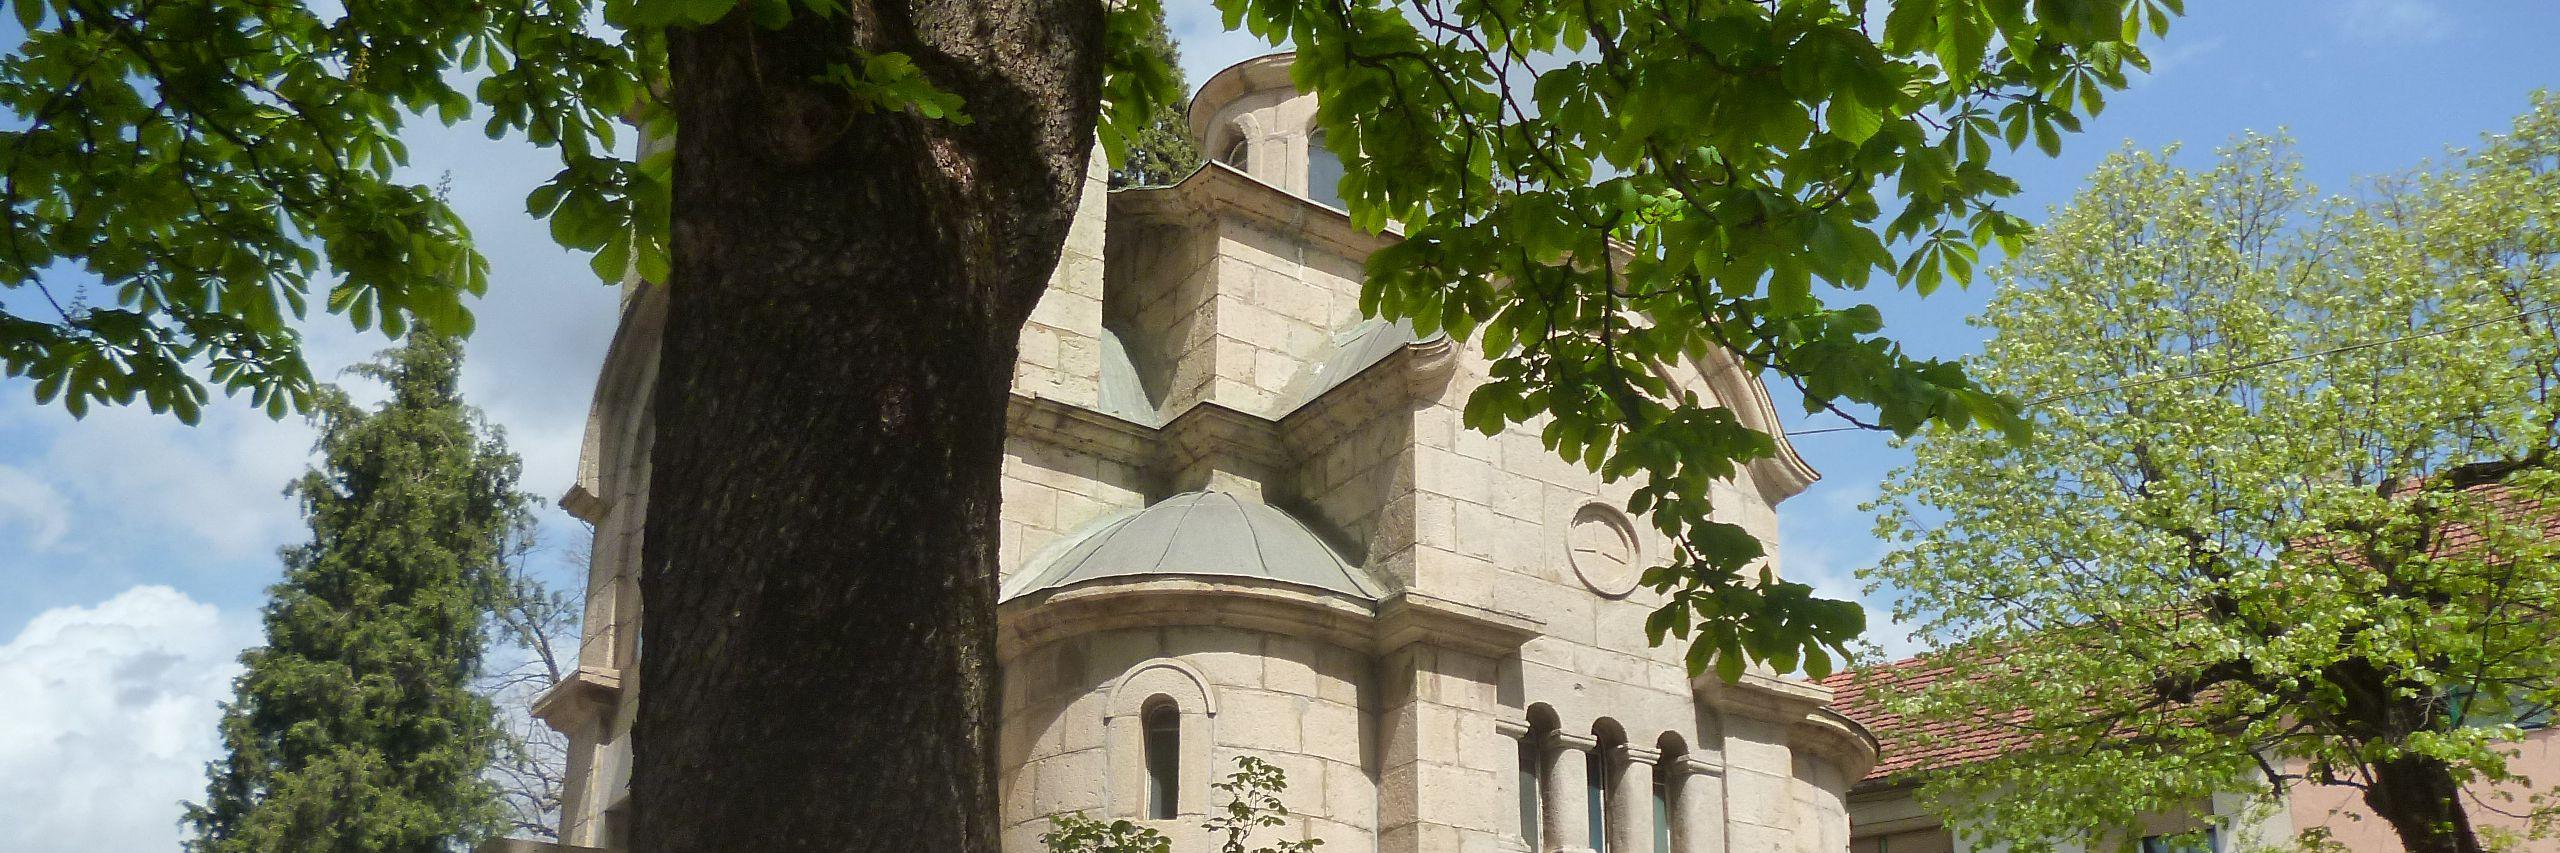 Церковь св. царя Лазара в Билече. Фото: Елена Арсениевич, CC BY-SA 3.0